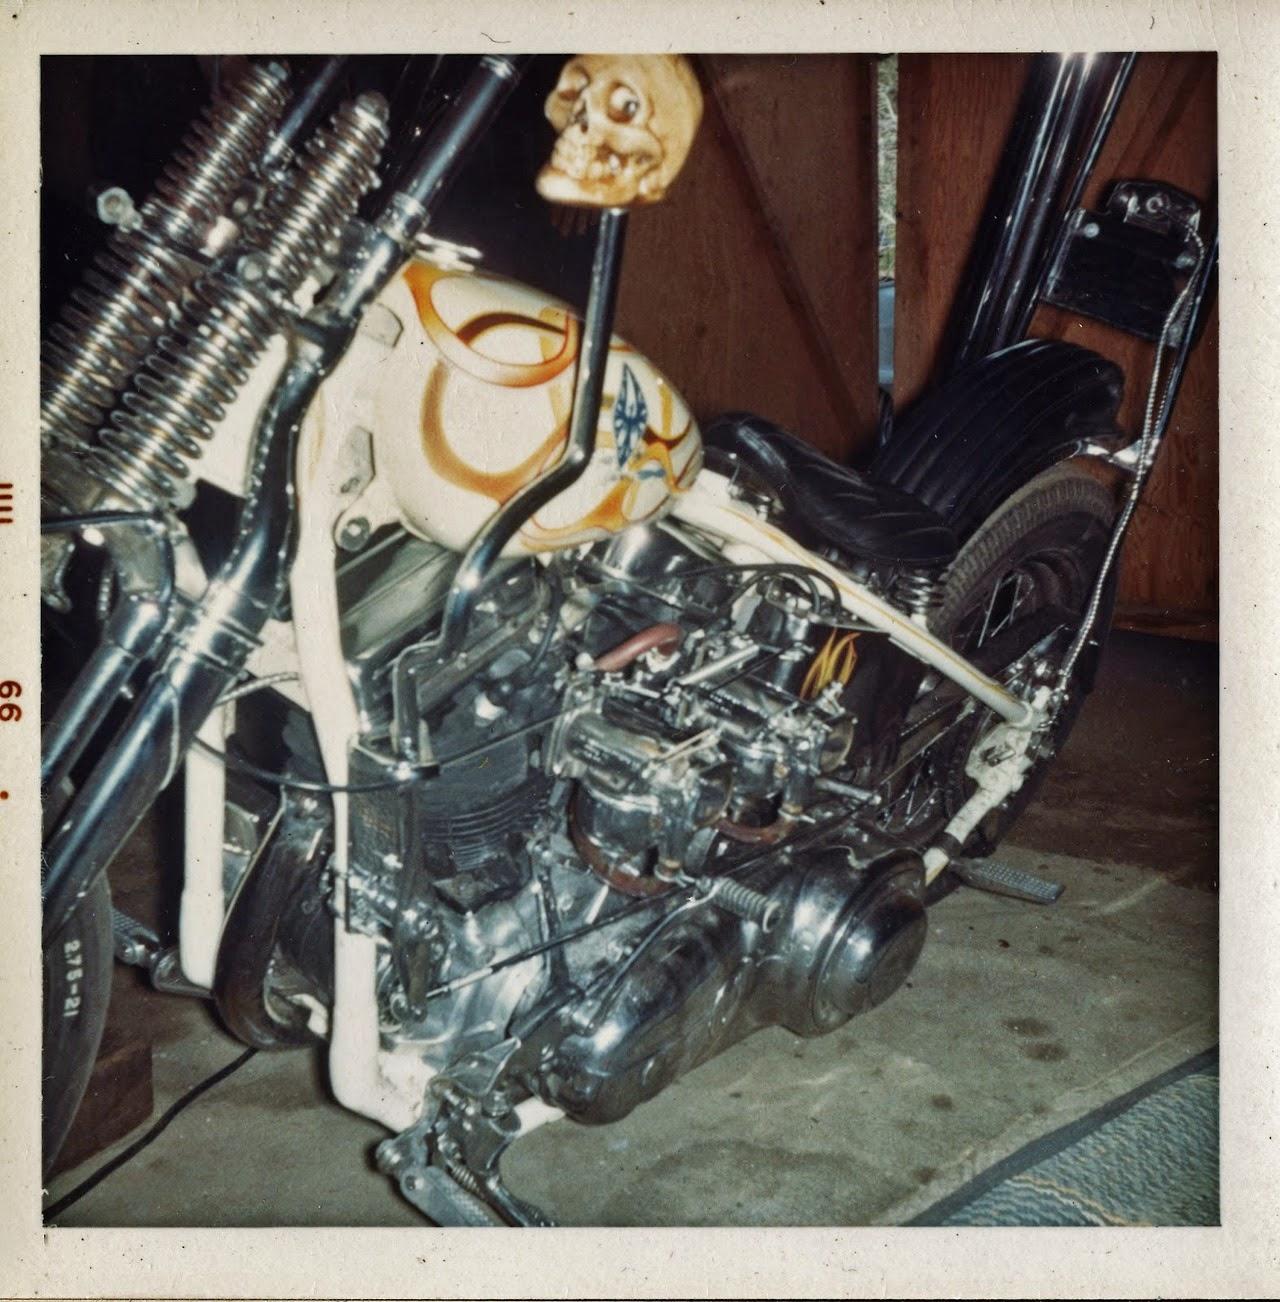 http://2.bp.blogspot.com/-WPXv5iKEMSs/U_wIH8fA0kI/AAAAAAAAsrs/QnRbwzOXpzI/s1600/skullshifterchopper.jpg